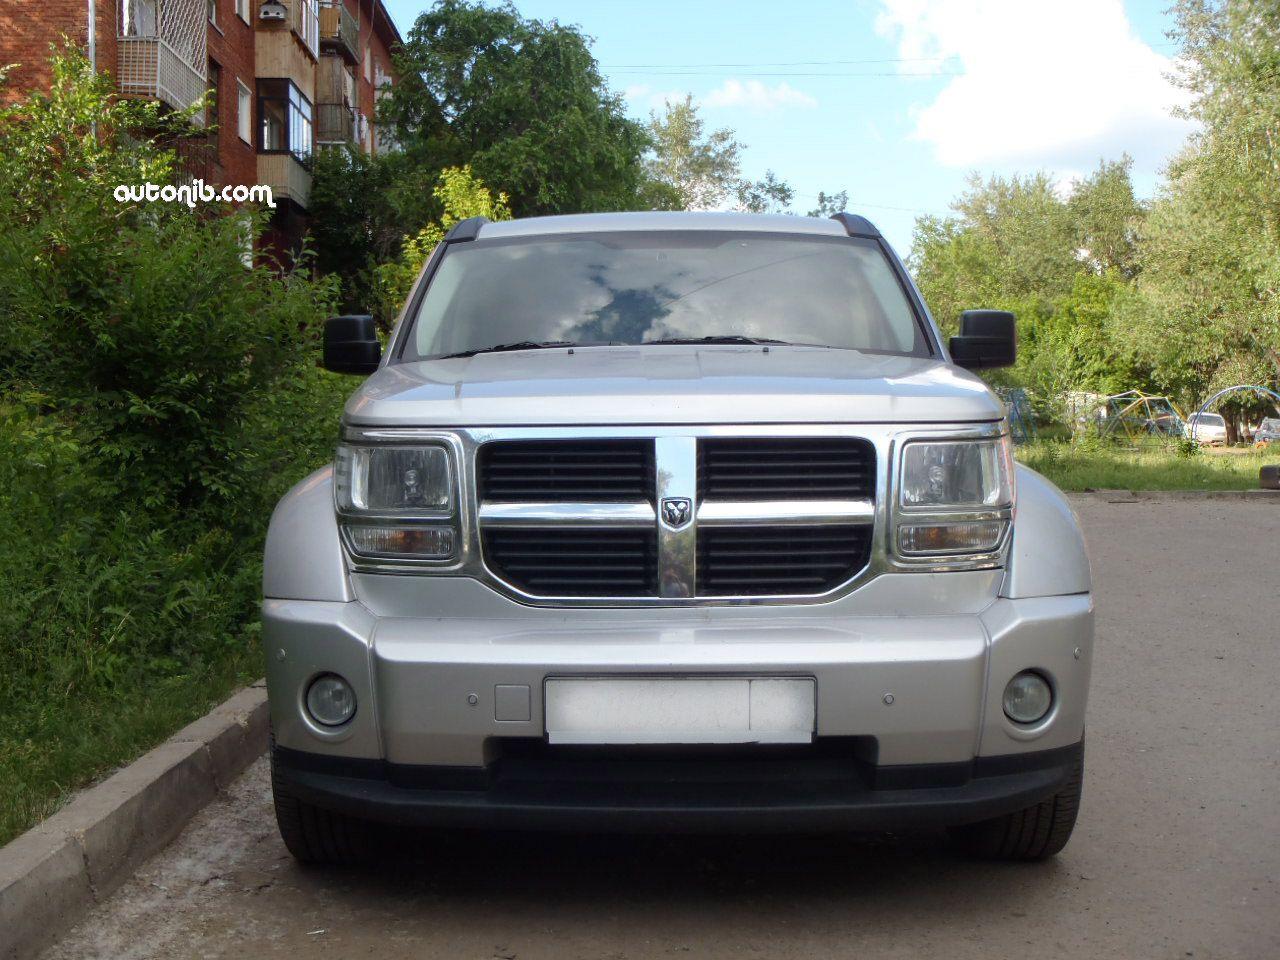 Купить Dodge Nitro 2008 года в городе Омск